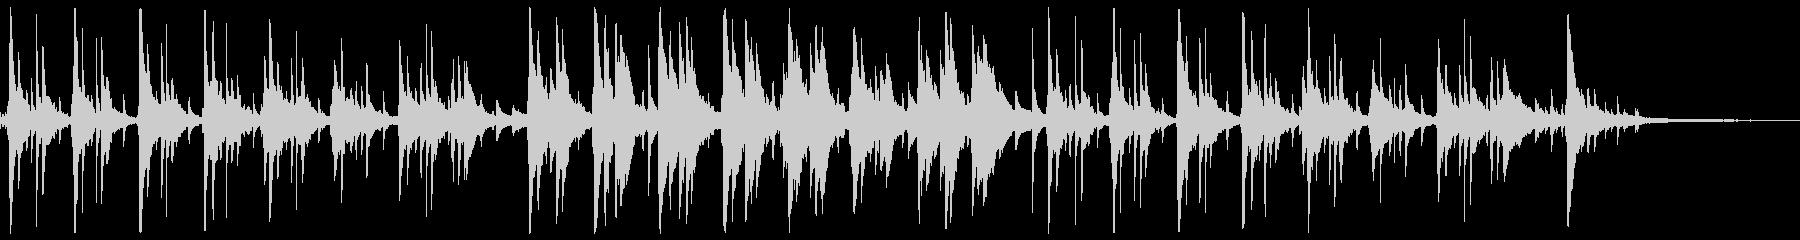 ピアノが印象的なゆったり落ち着くジャズ2の未再生の波形